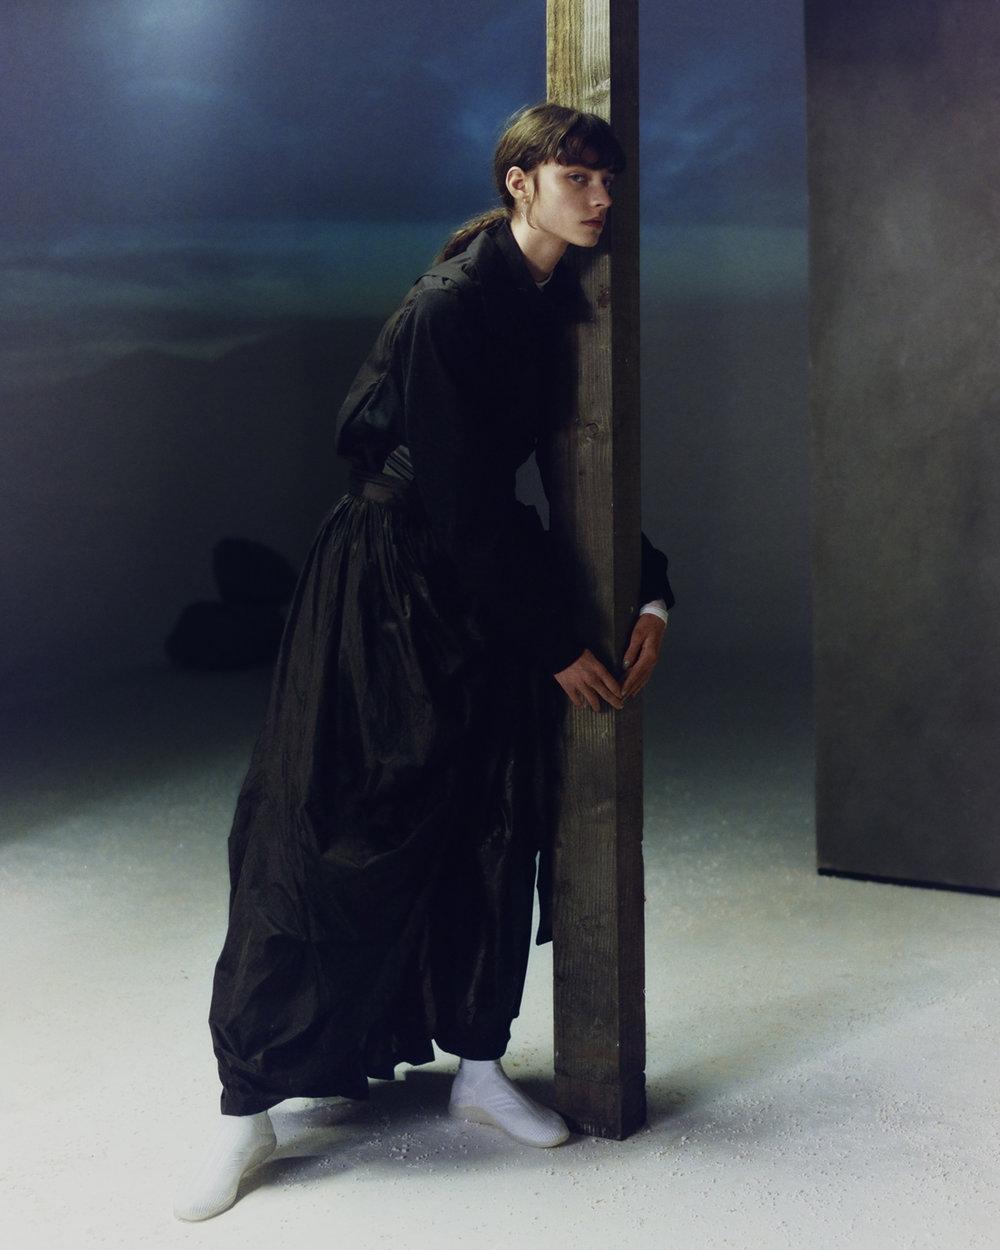 Y3-Takahito sasaki-Alice Lefons-2 copy.jpg